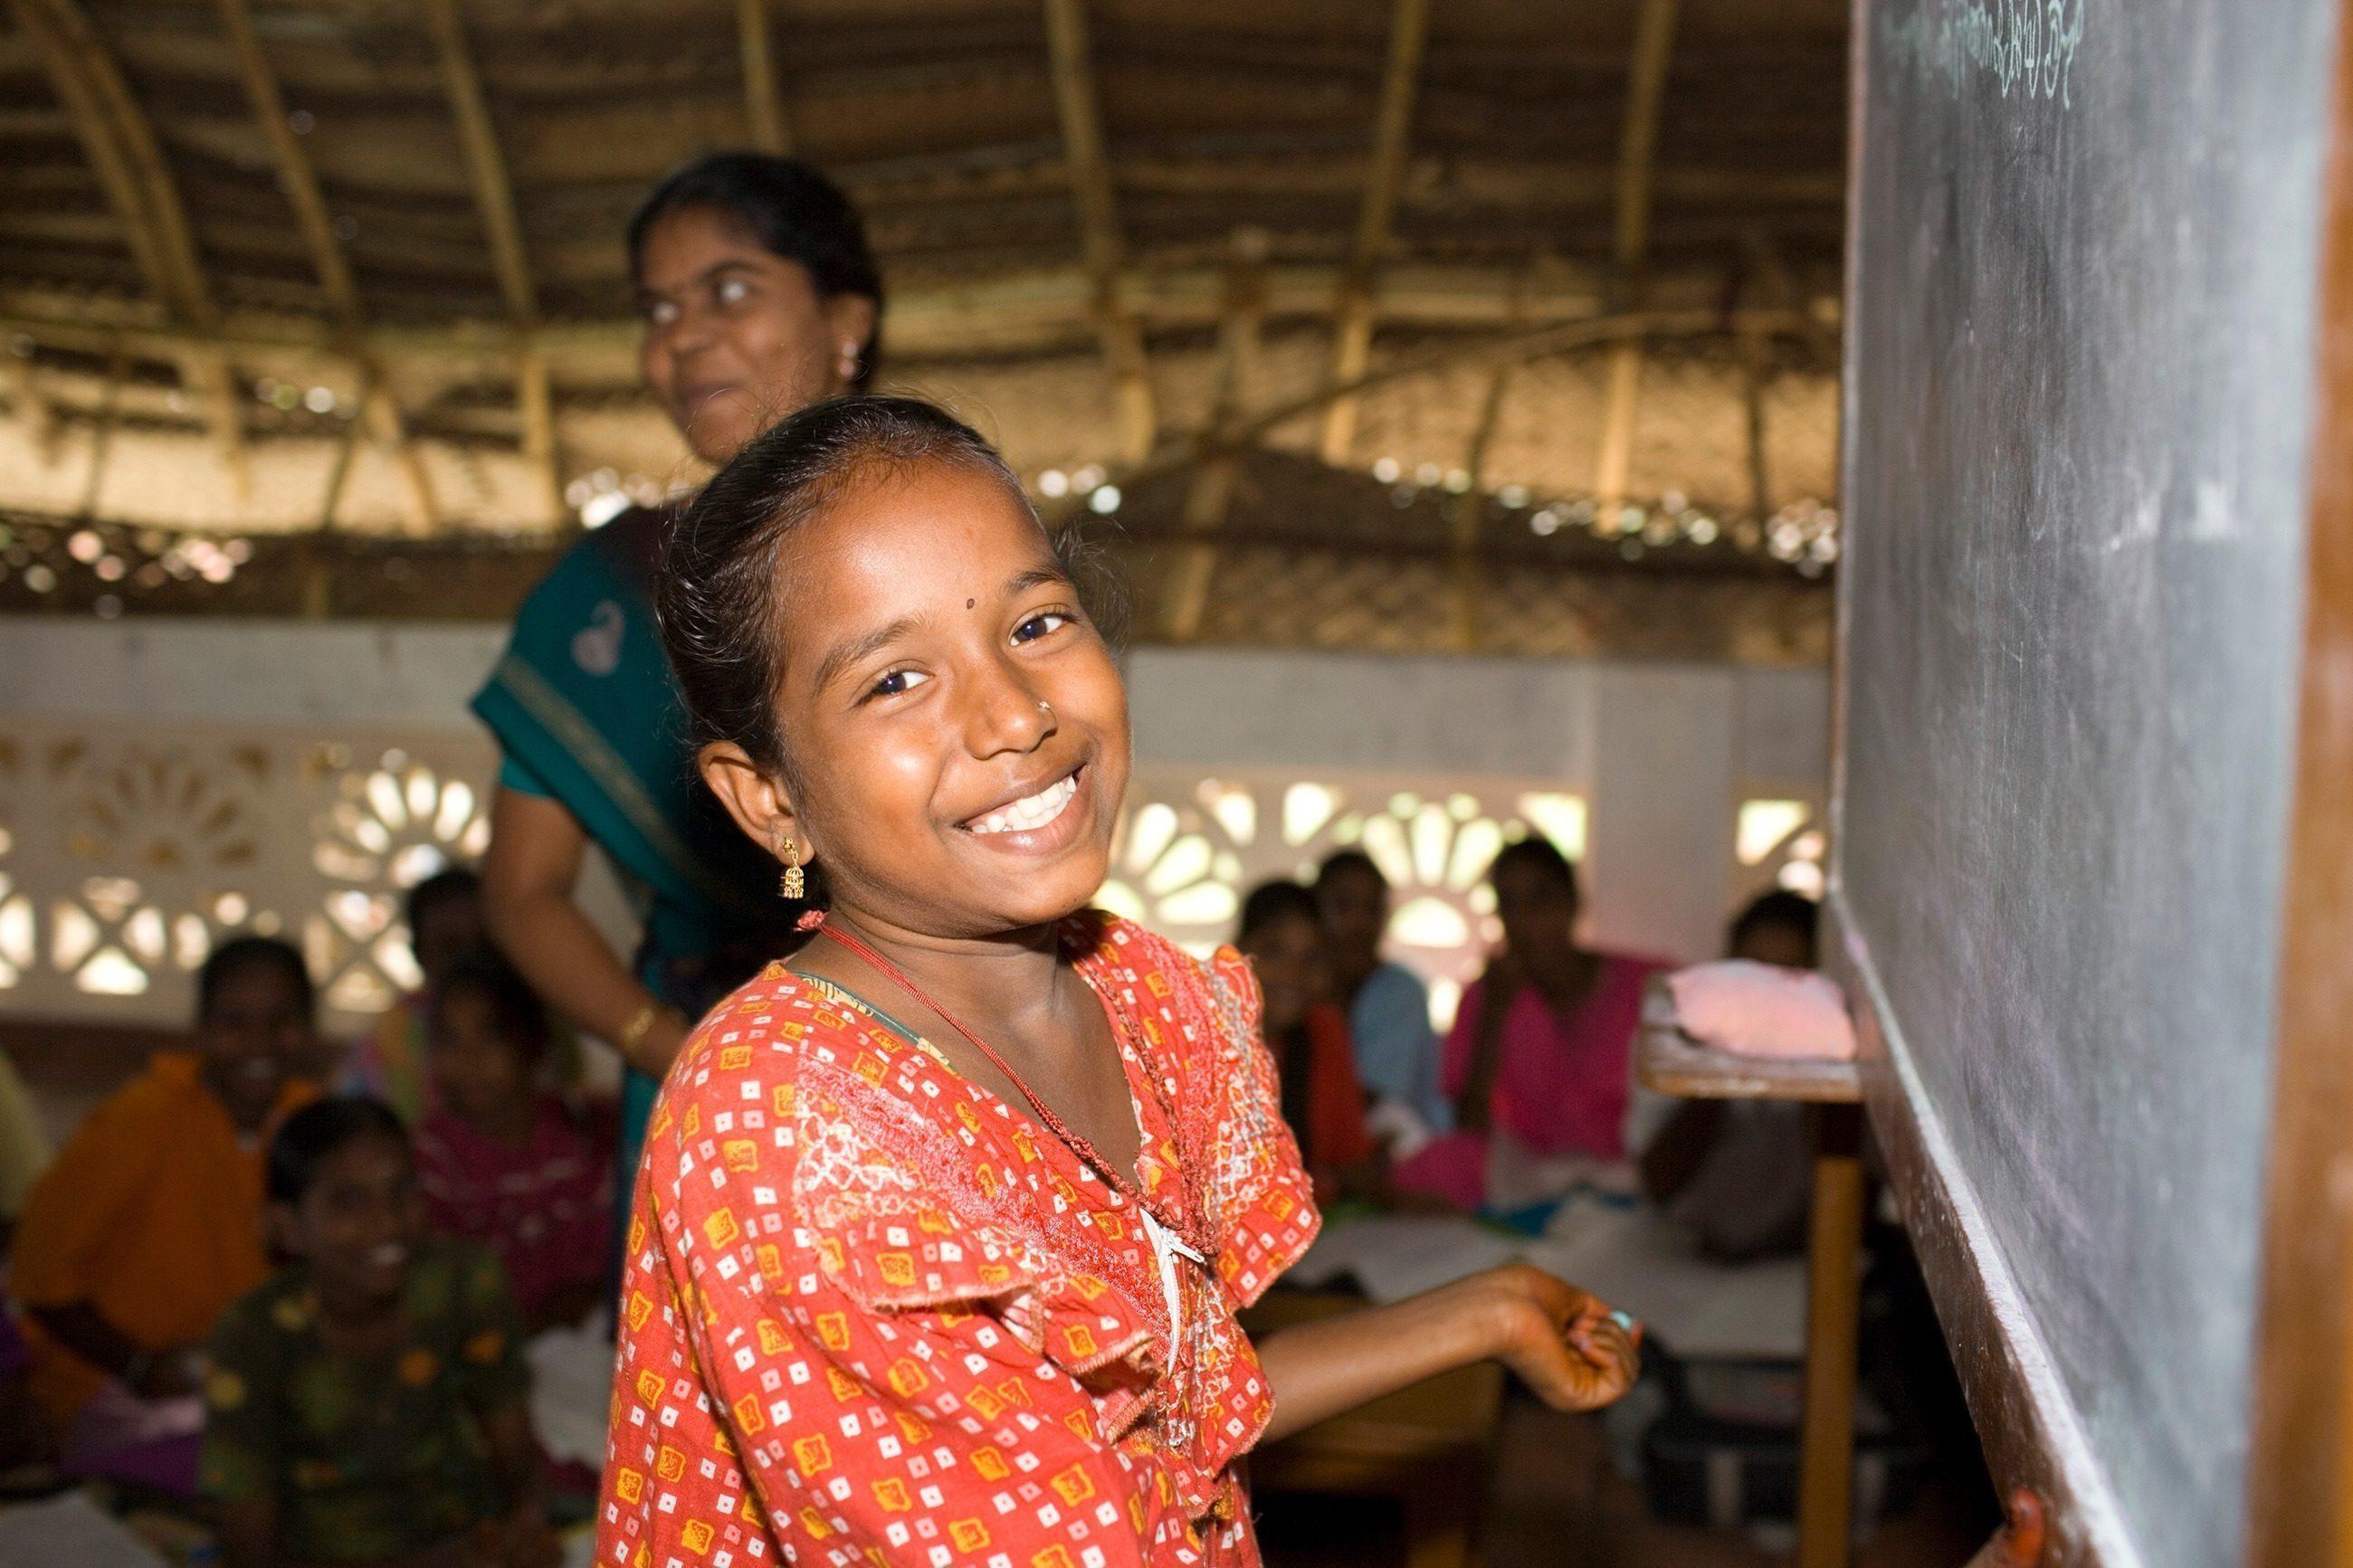 Une petite fille indienne souriante, au tableau.